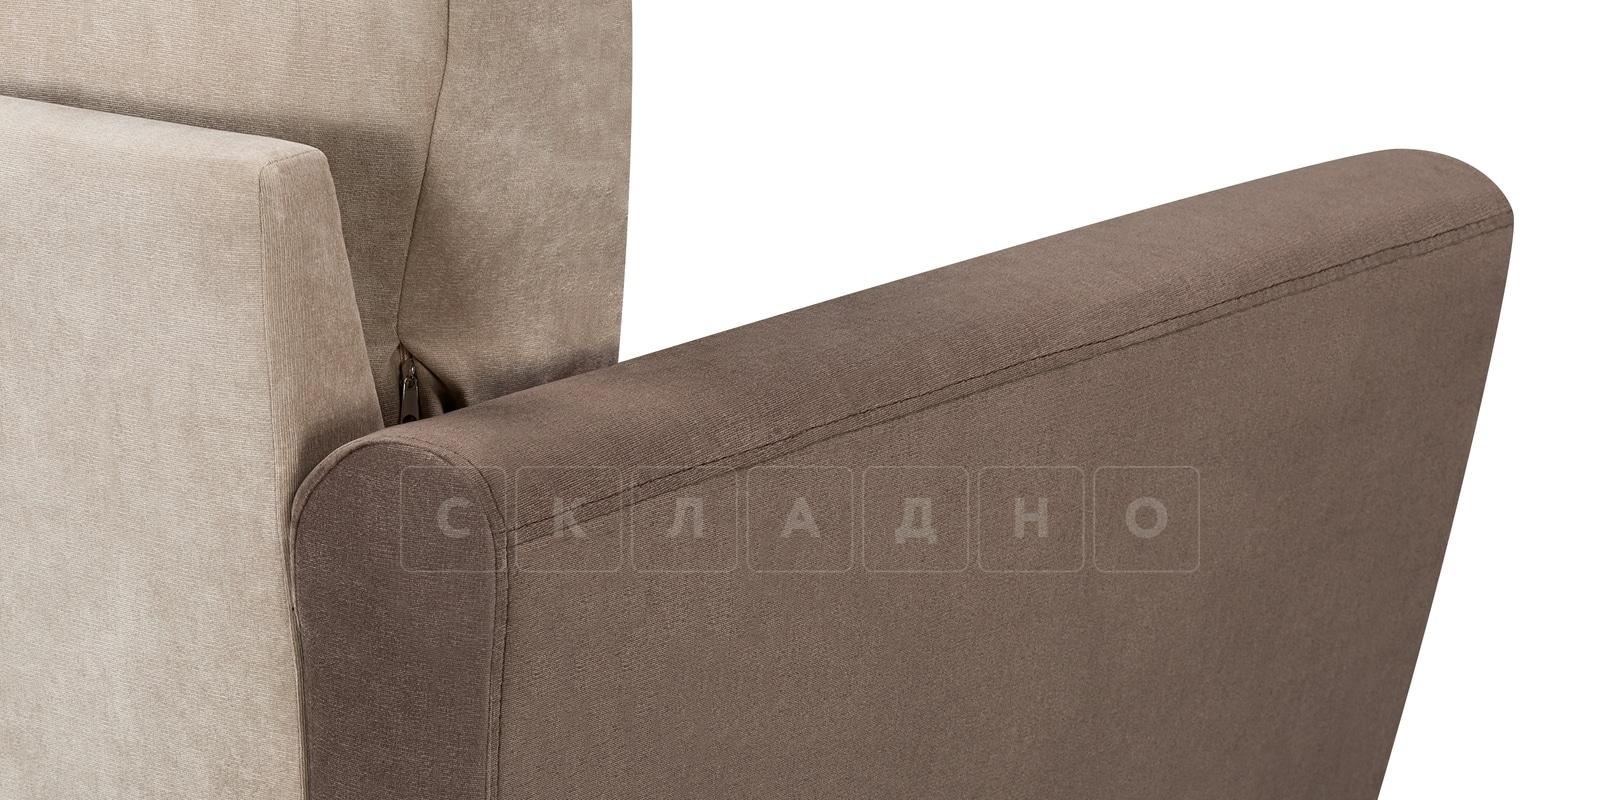 Кресло Амстердам вельвет бежевый с коричневым фото 4 | интернет-магазин Складно